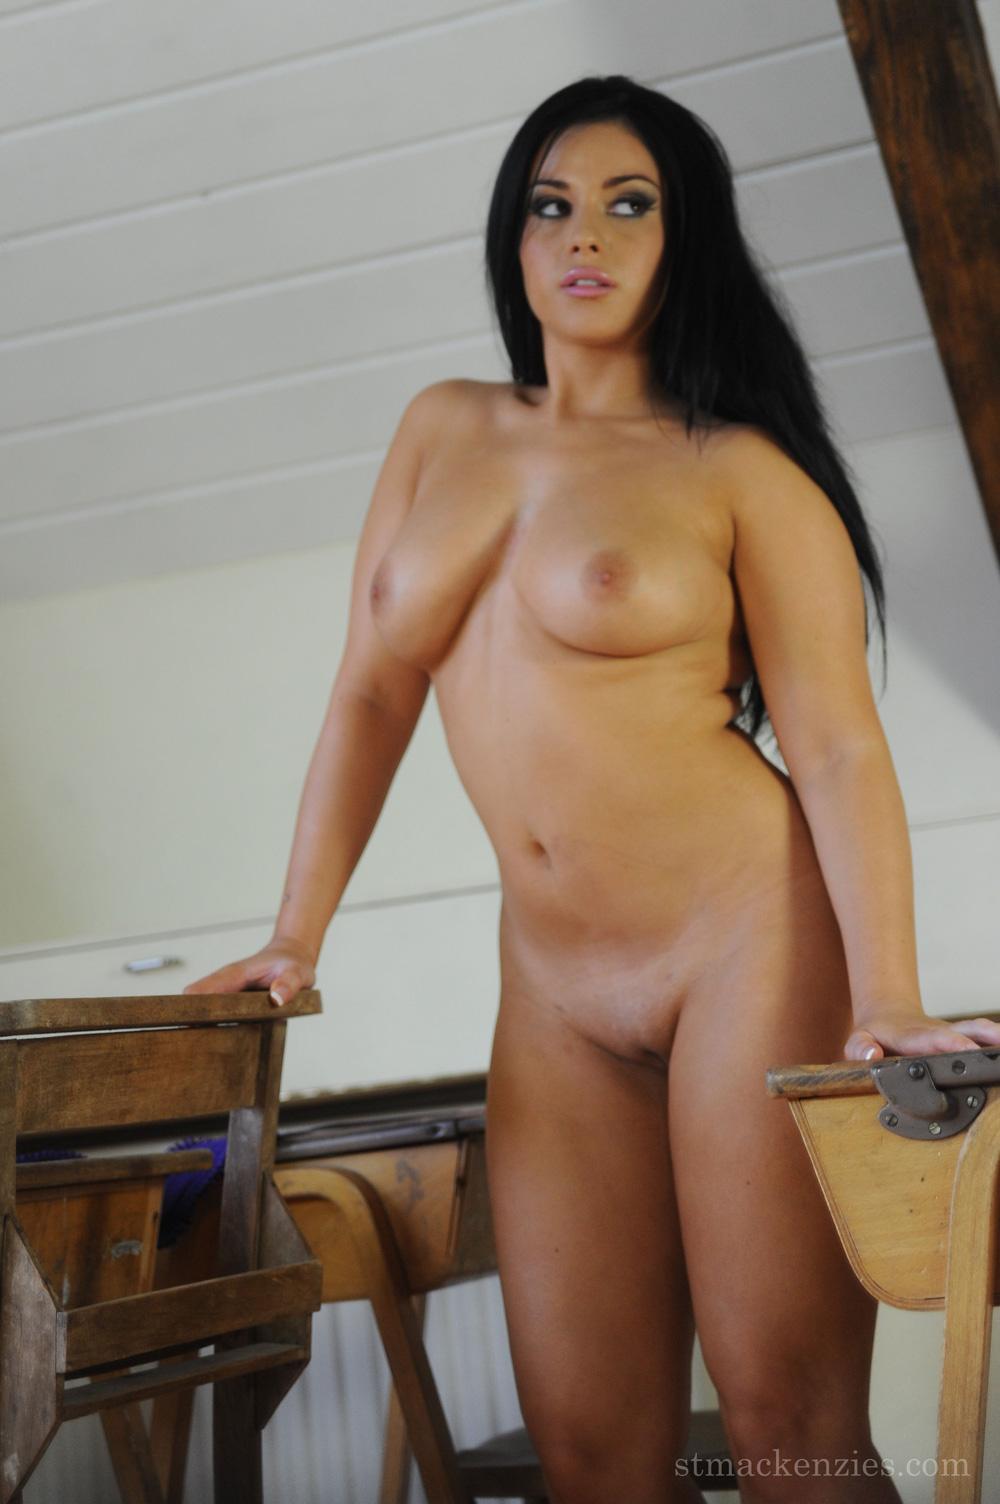 Праститутки из владивостока порно смотреть онлайн 8 фотография